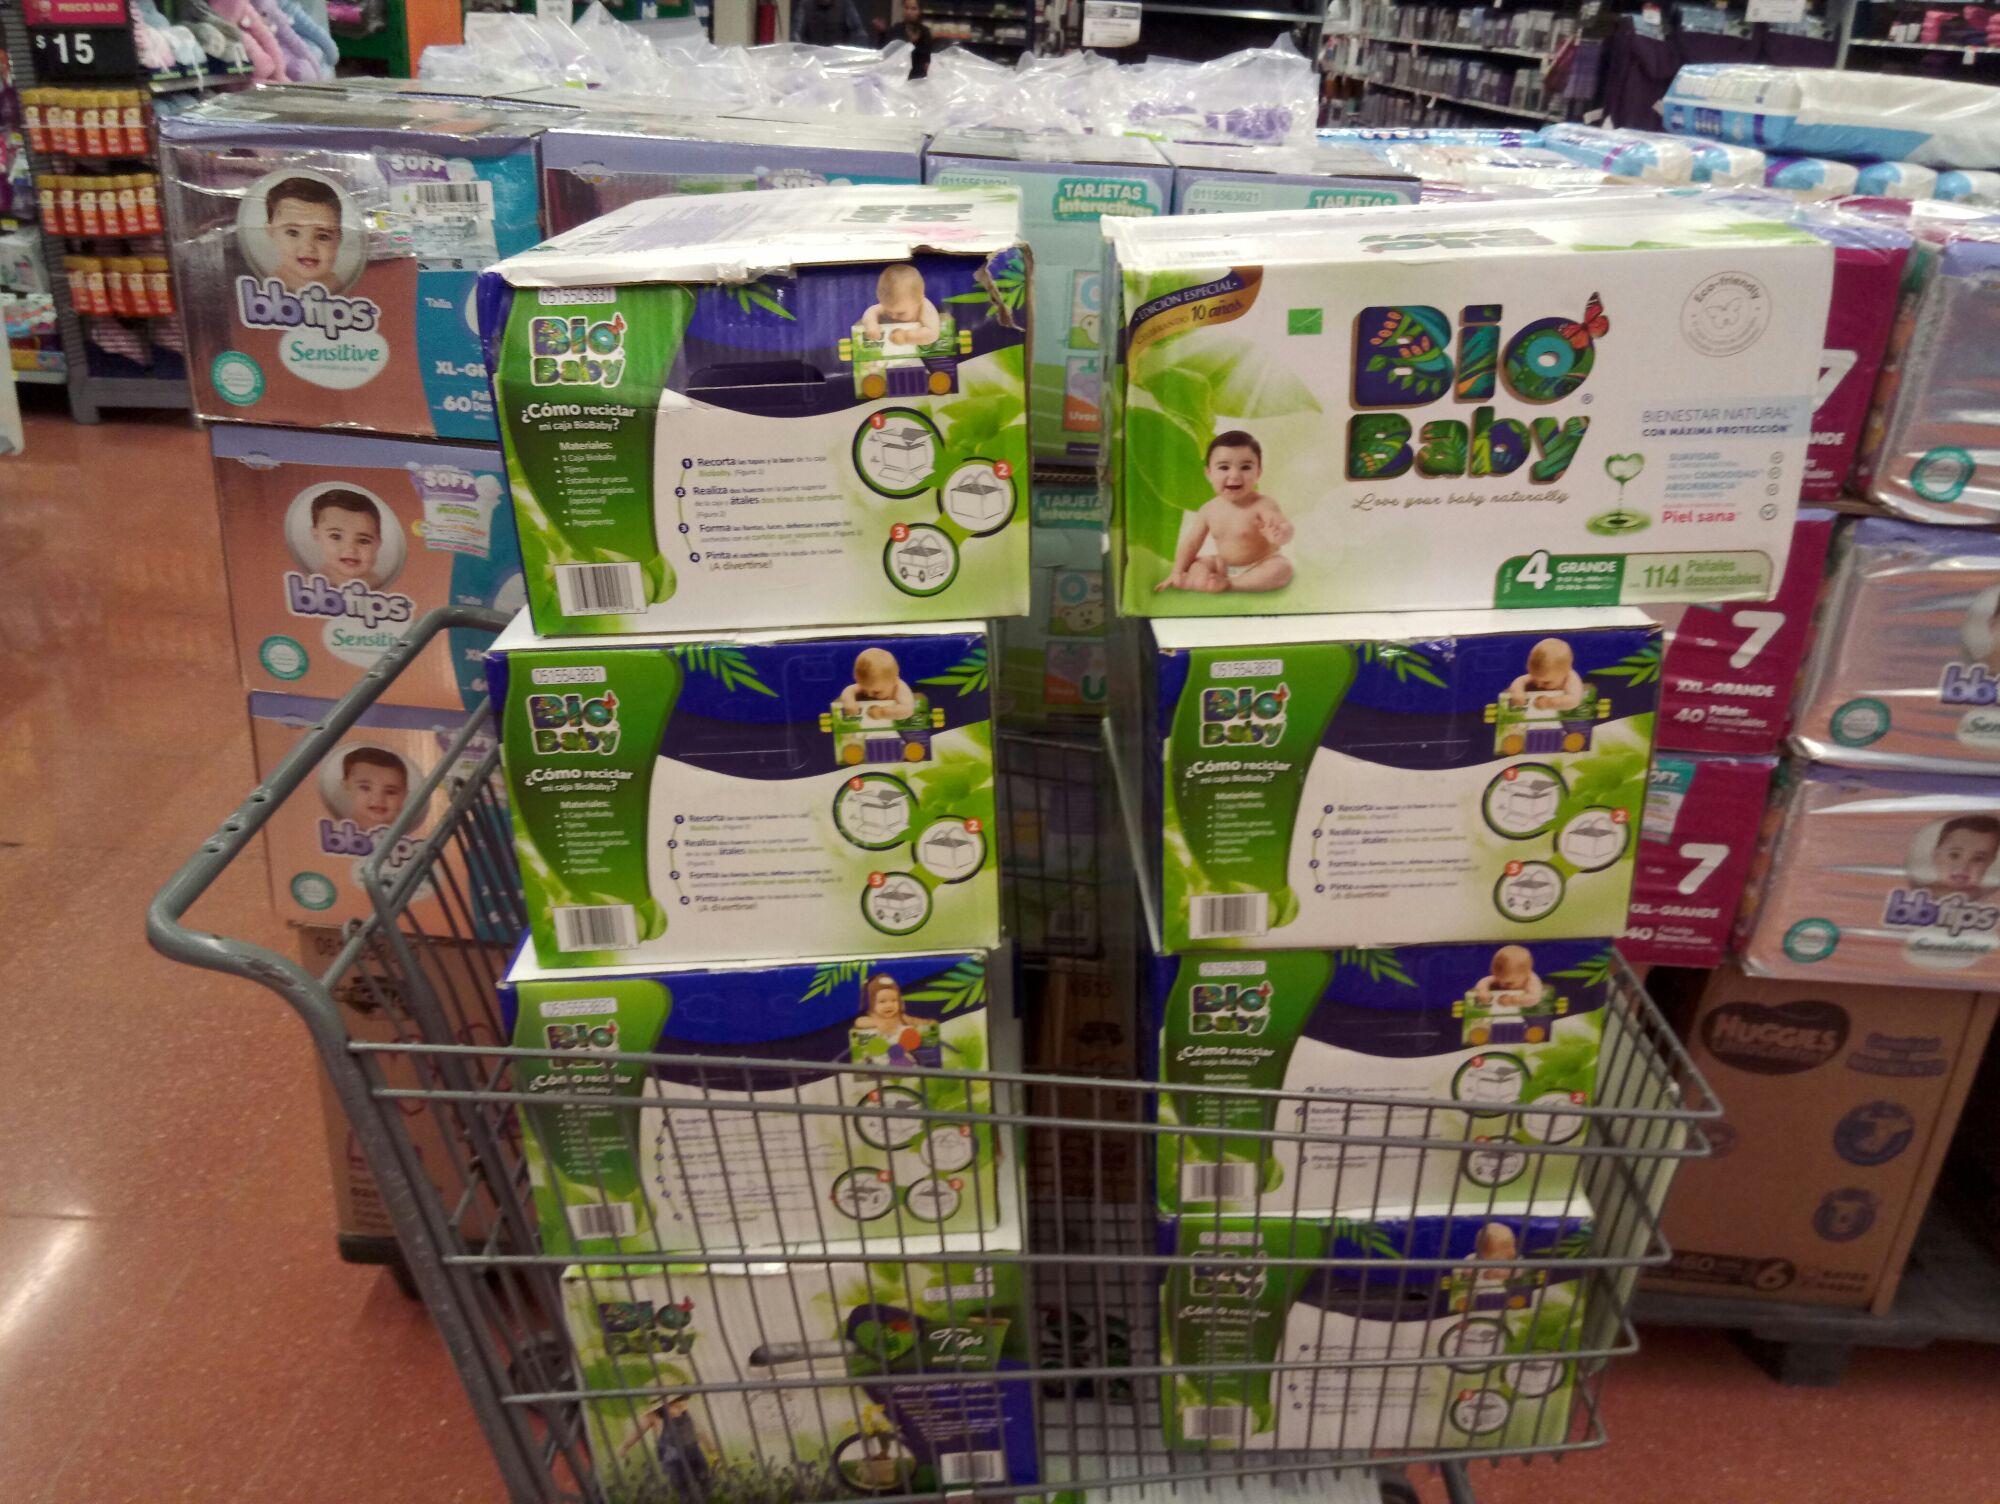 Walmart plateros cdmx pañales bio baby de 114 piezas a 200 pesotes.